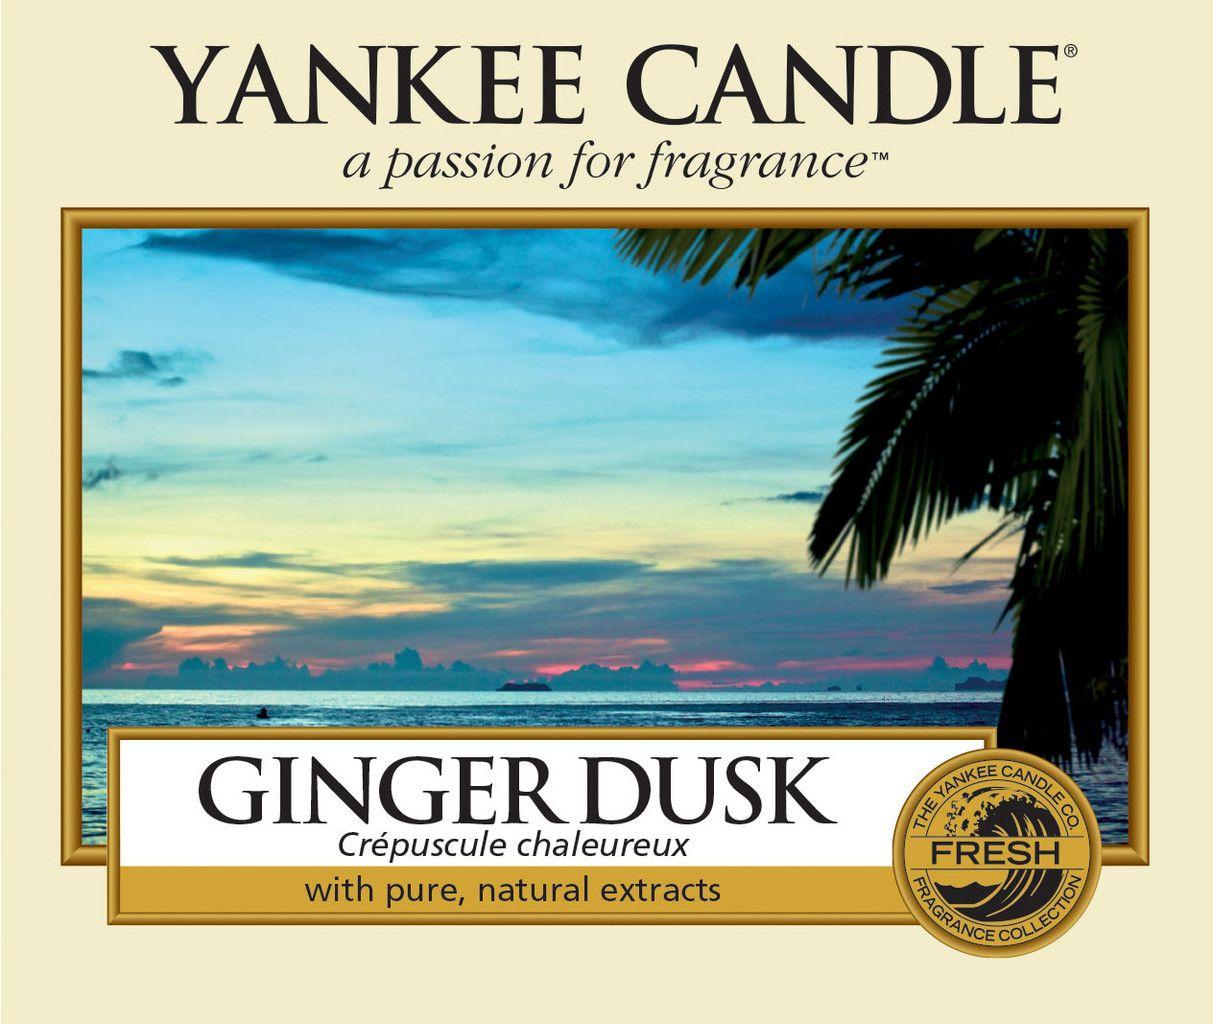 Ginger Dusk - Yankee Candle